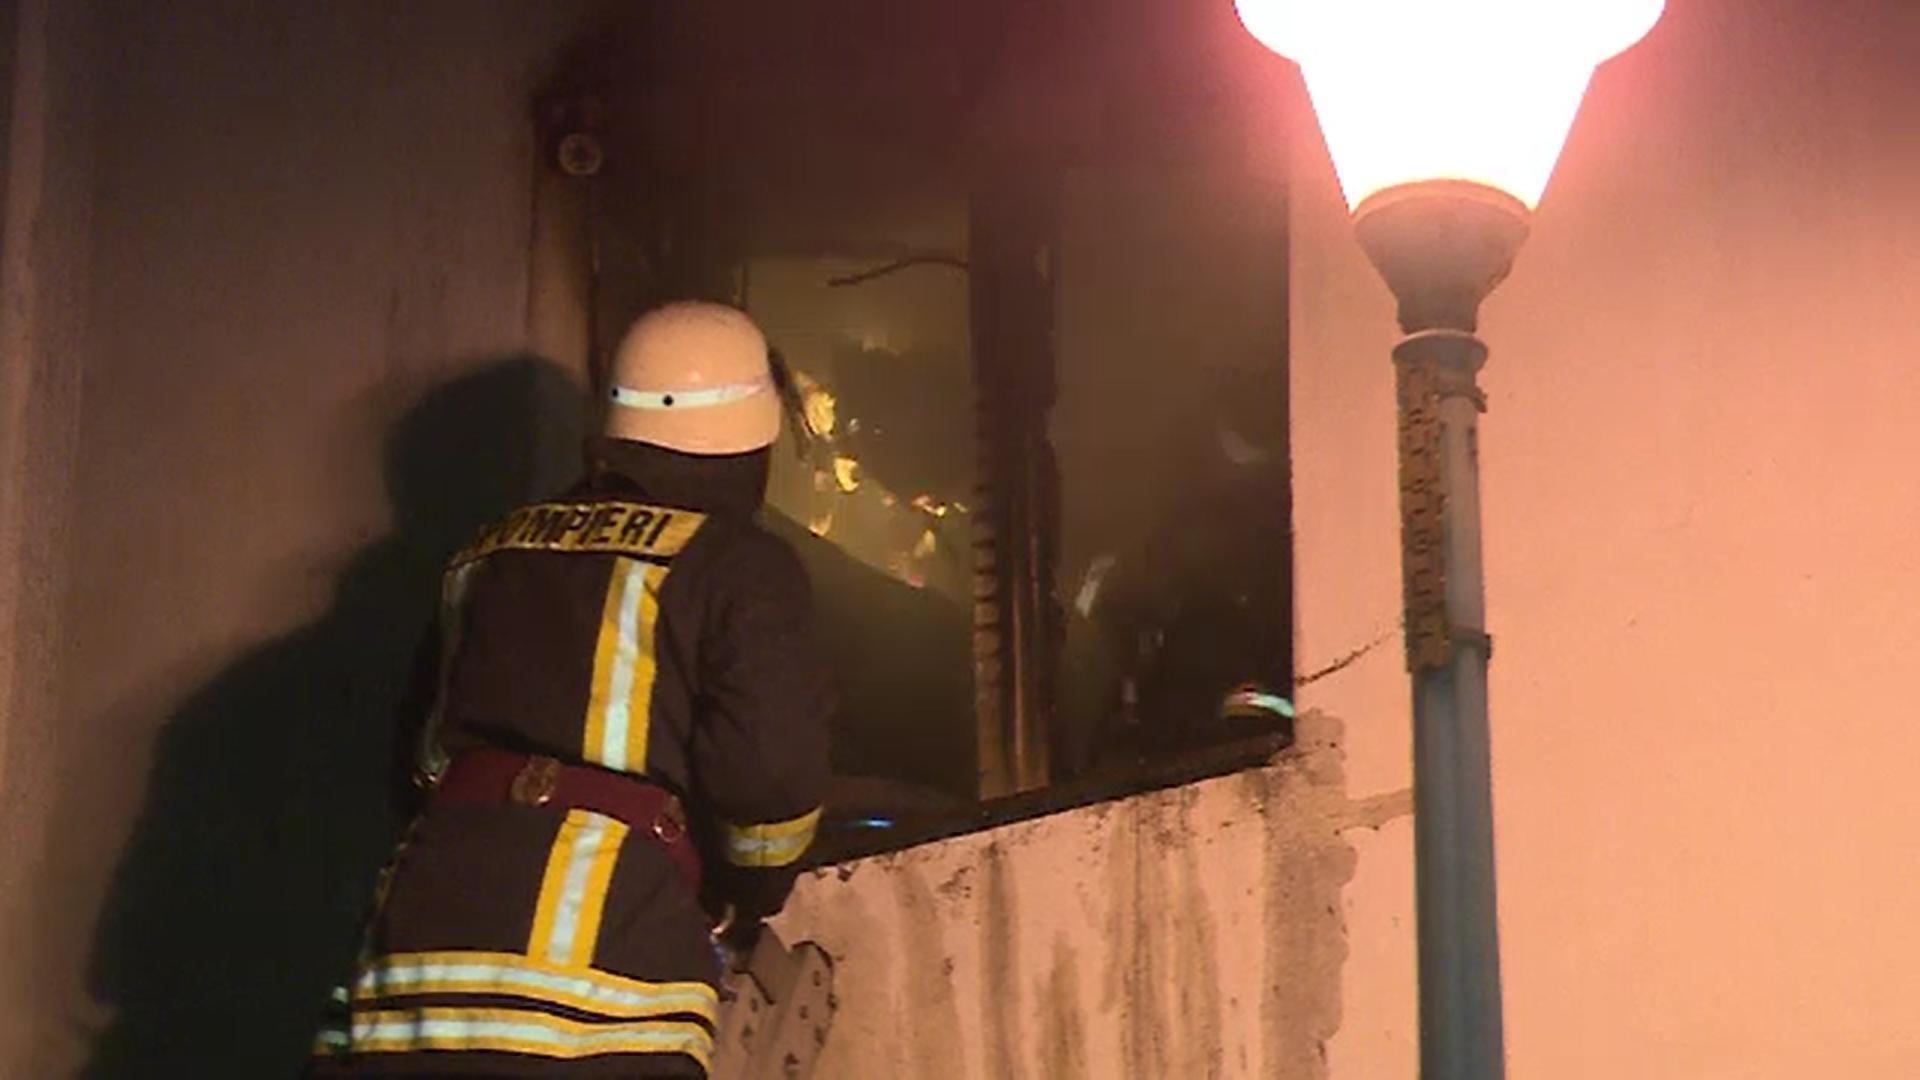 Incendiu la un bloc din Galați. Flăcările au cuprins dormitorul unei bătrâne